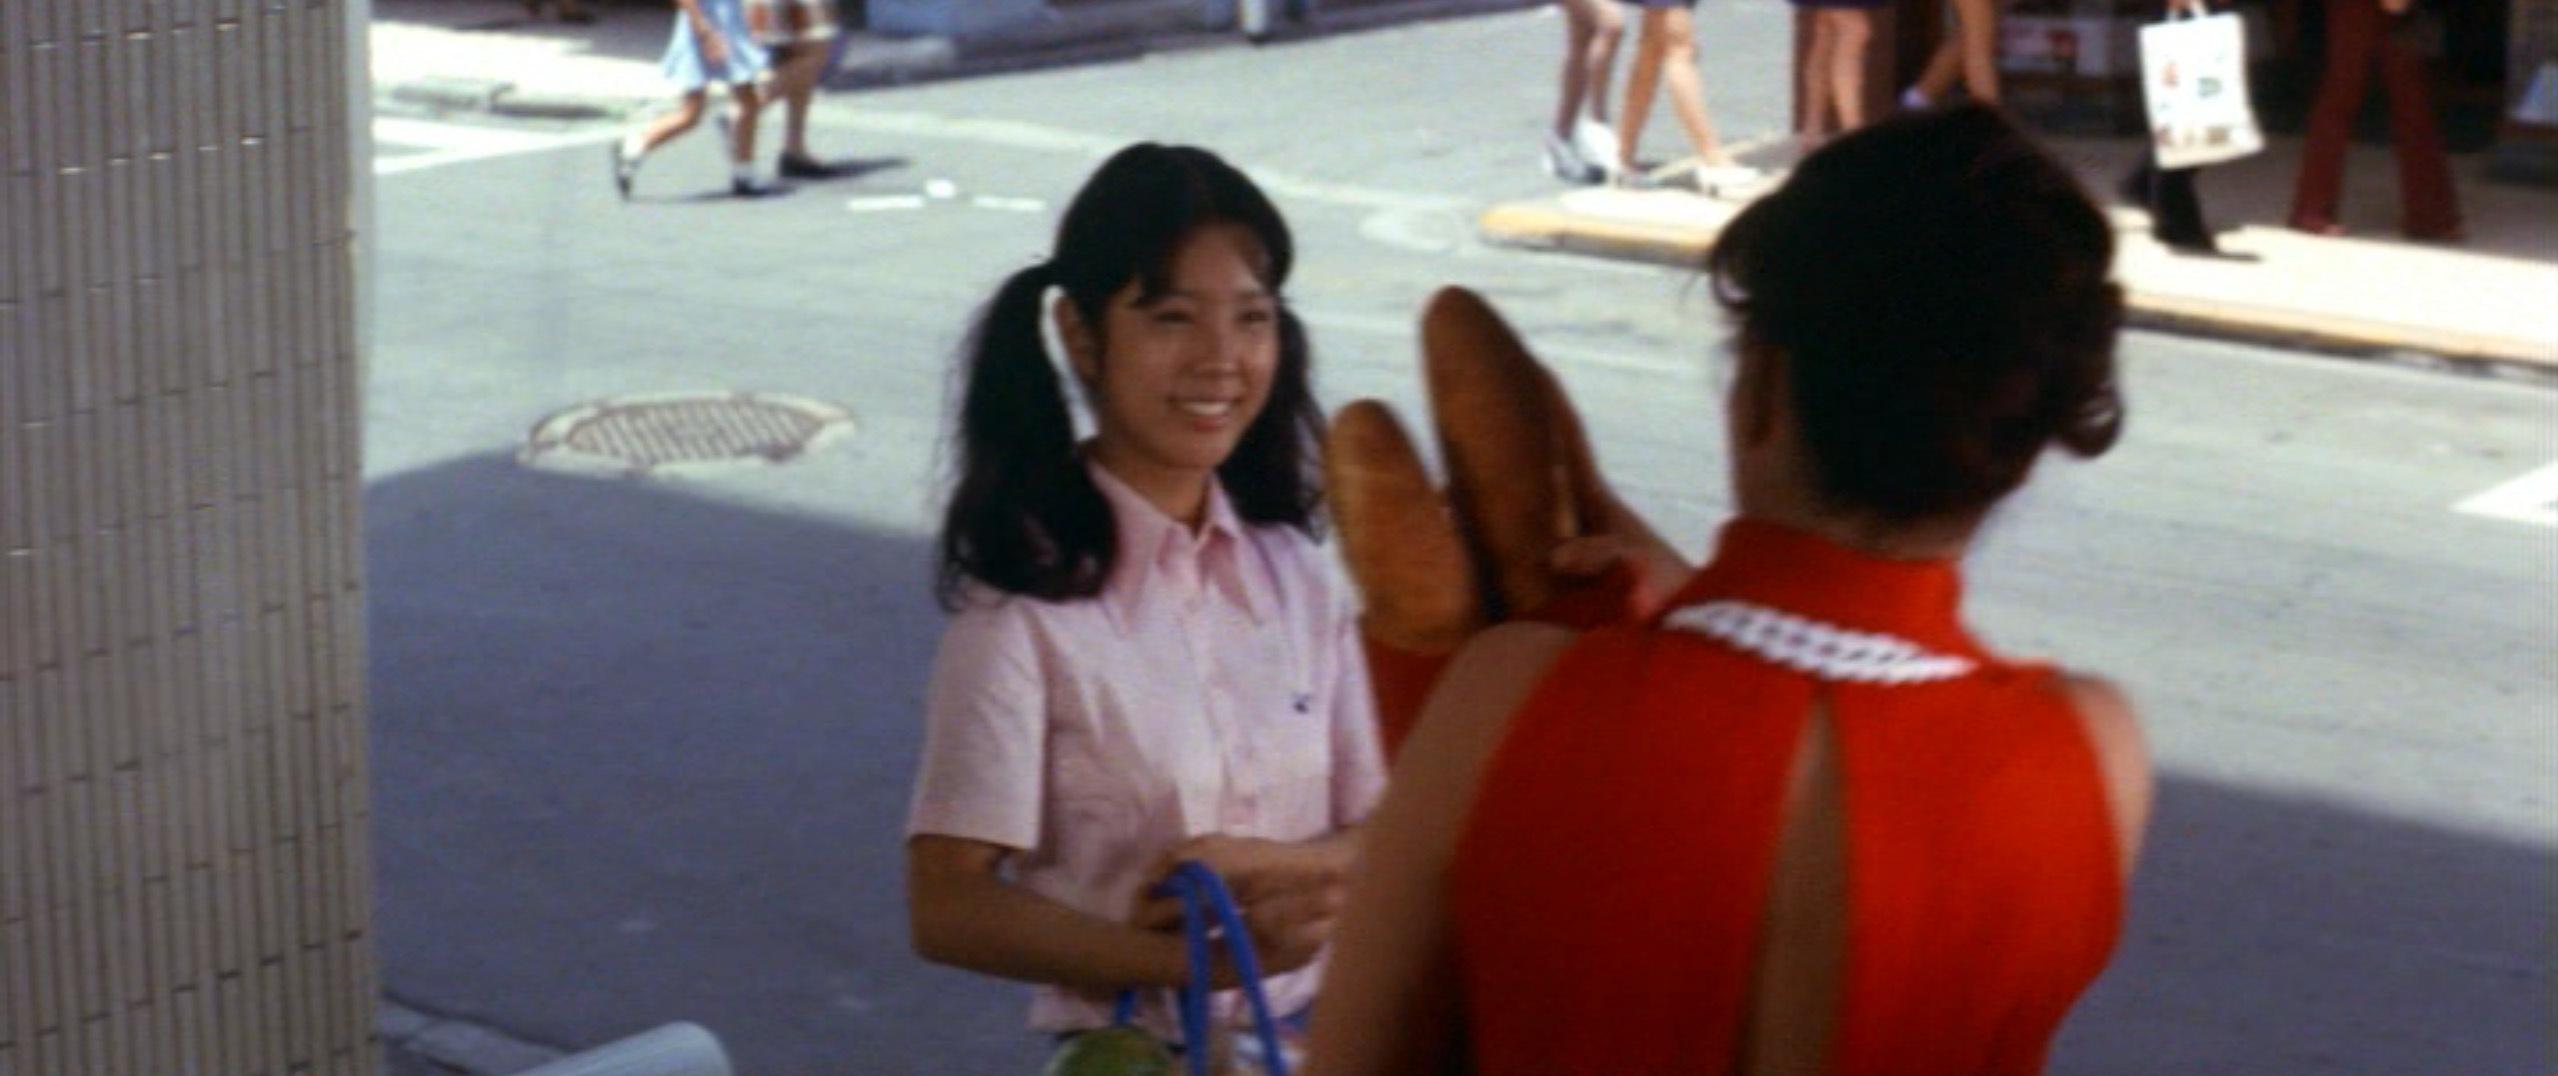 市毛良枝(Yoshie Ichige)「混血児リカ ハマぐれ子守唄」(1973)・・・《前半》_e0042361_20455958.jpg